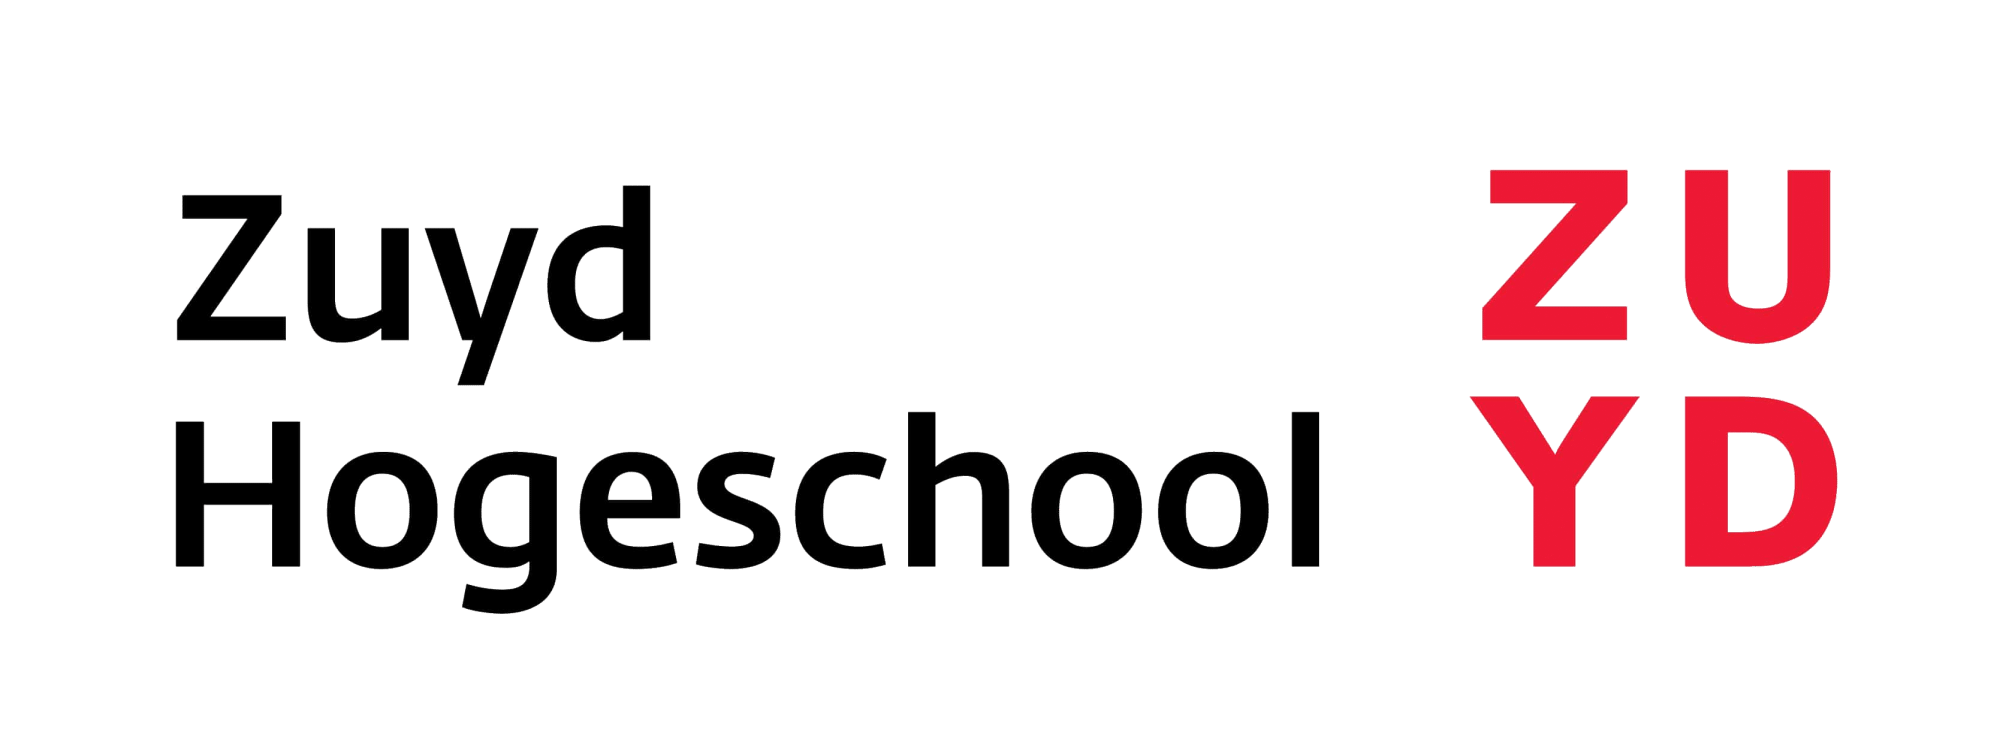 logo-zuyd-hogeschool-2.png